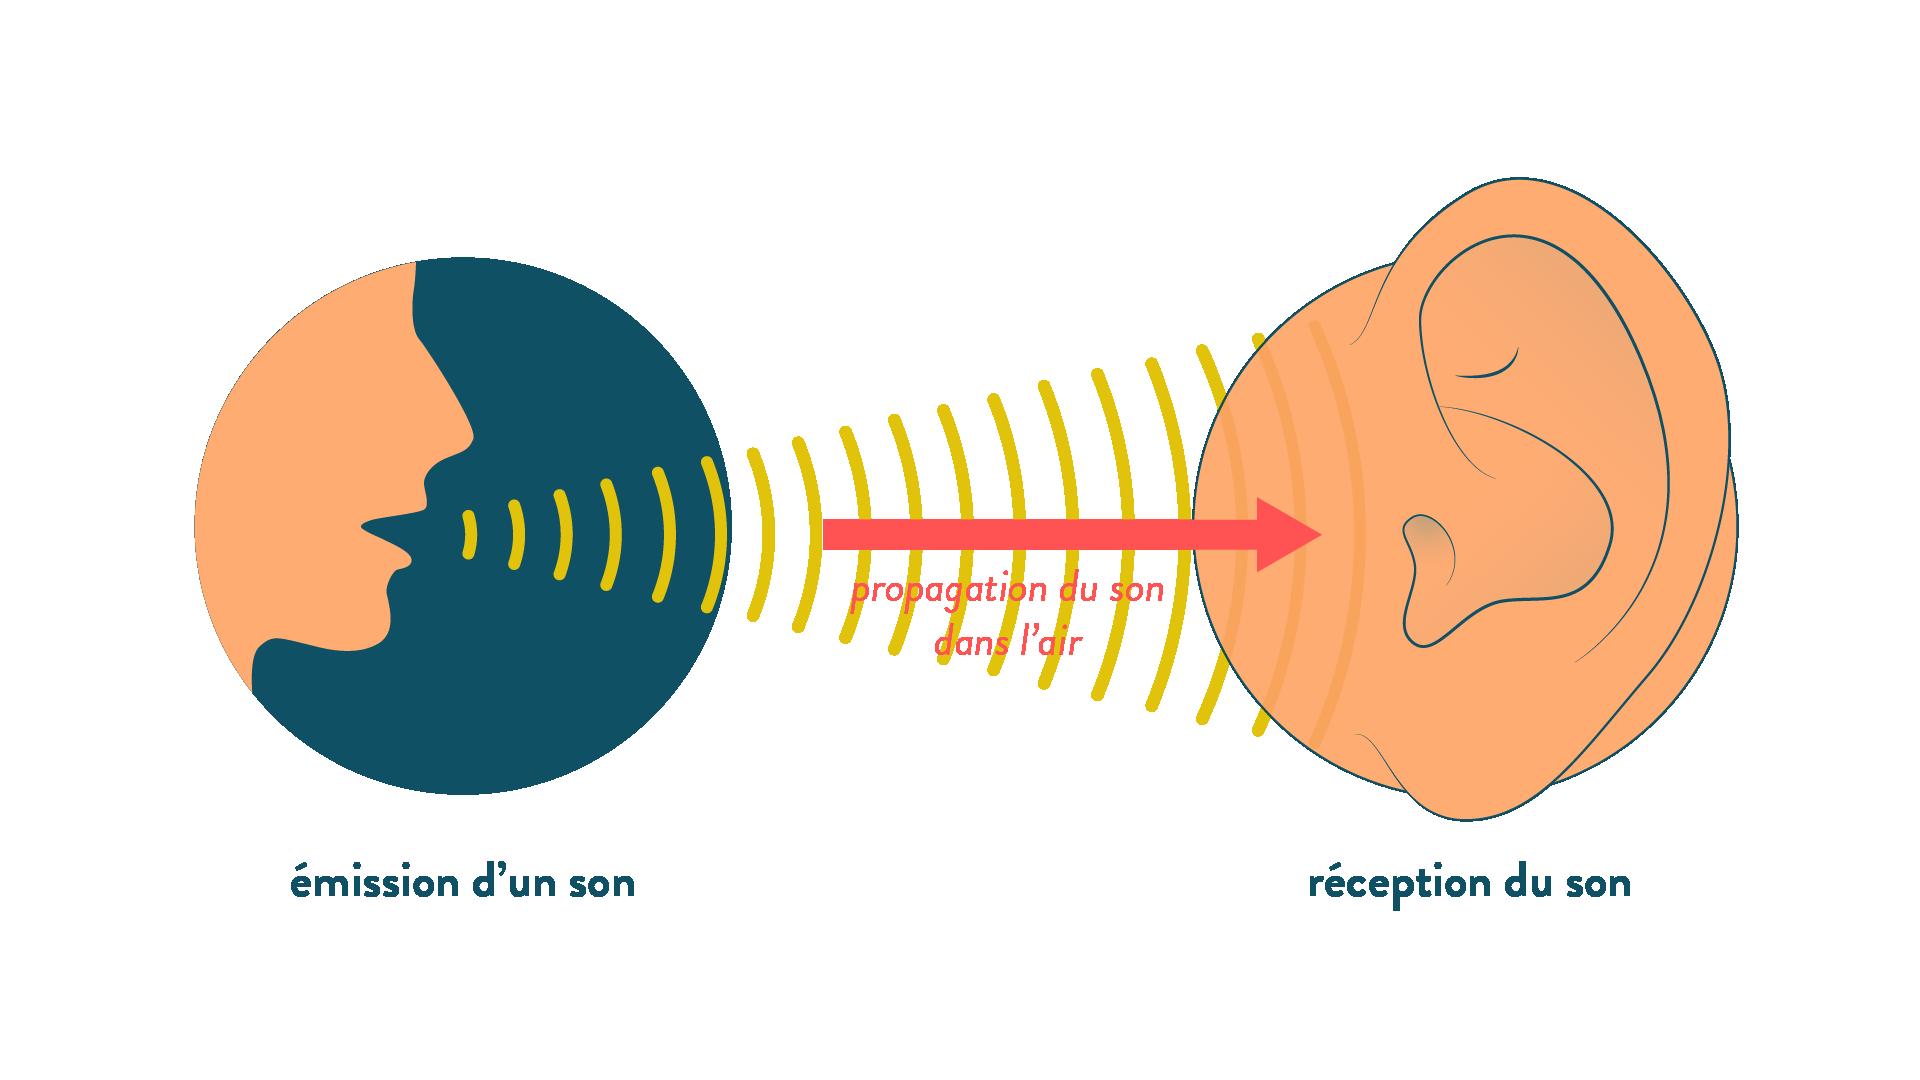 émission et réception d'un son